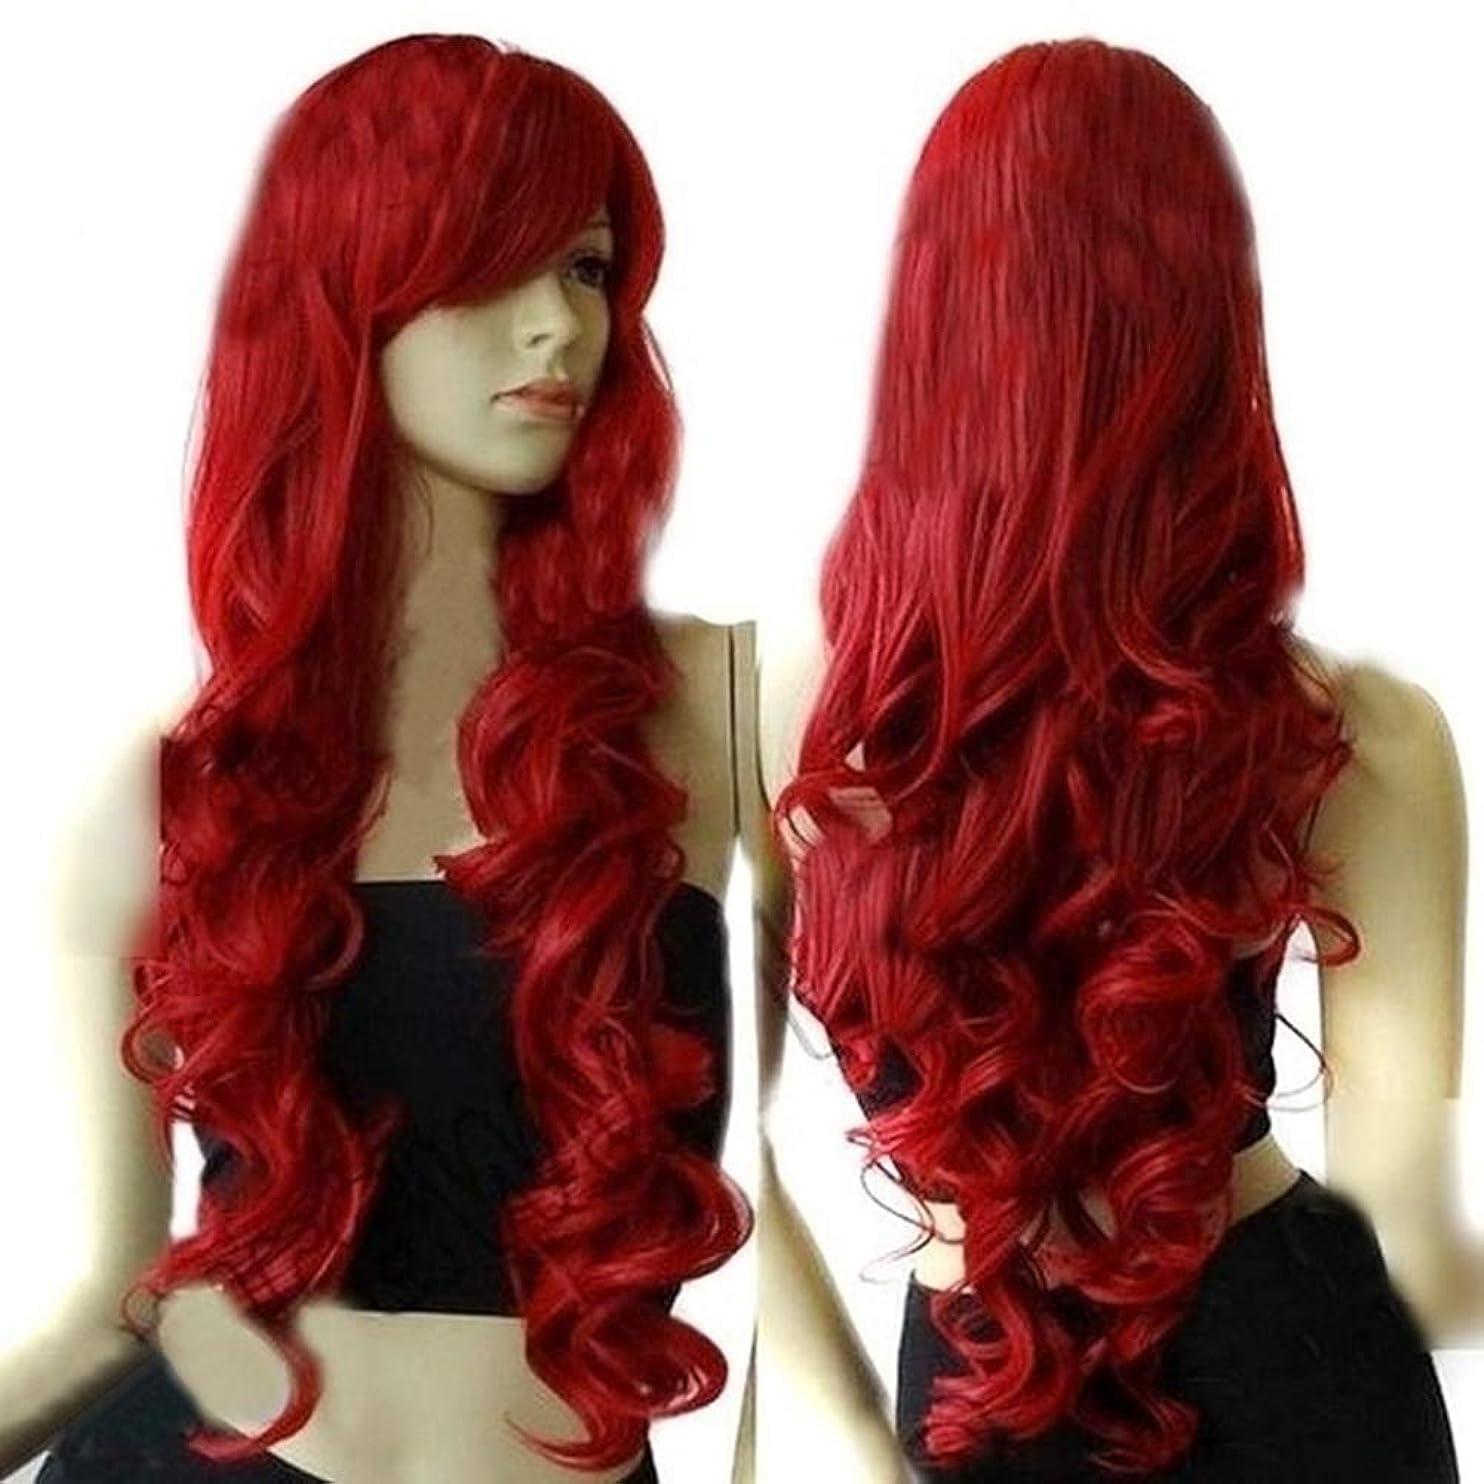 いろいろビート地獄slQinjiansav女性ウィッグ修理ツールファッション女性ロングカーリーワイン赤ウィッグコスプレパーティーヘアピースヘアエクステンション